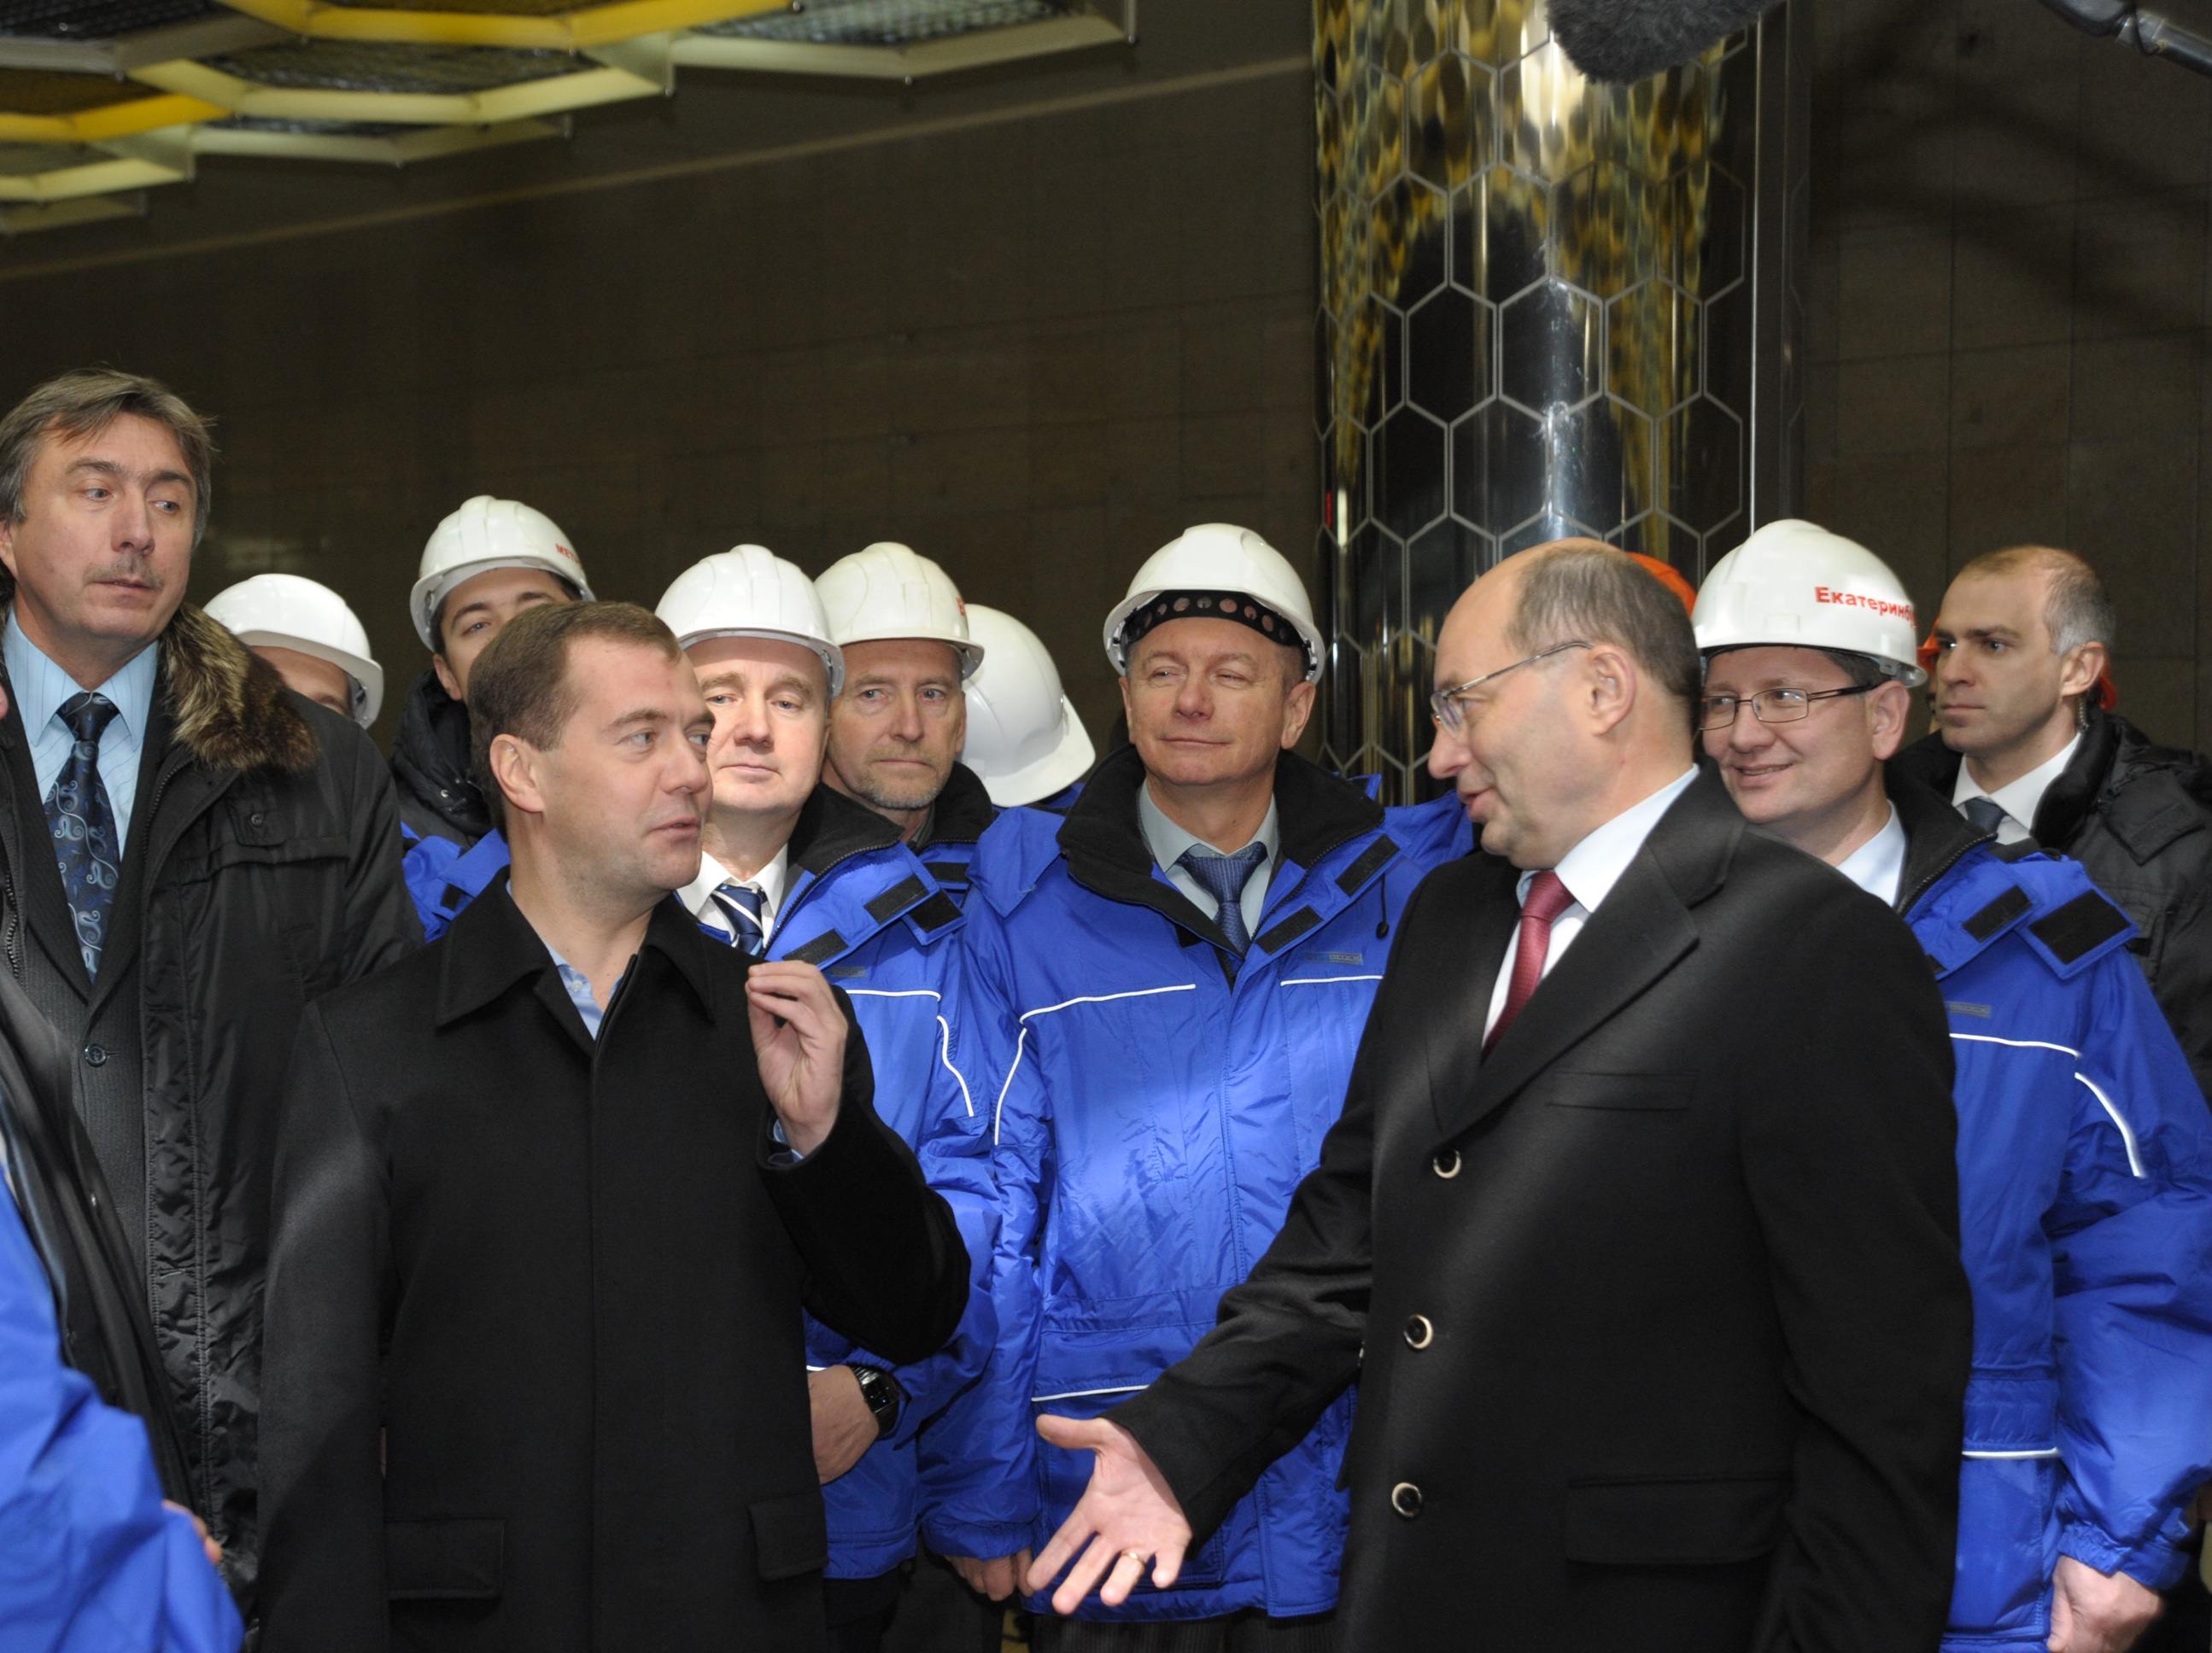 Заработало! Дмитрий Медведев запустил «Ботаническую»